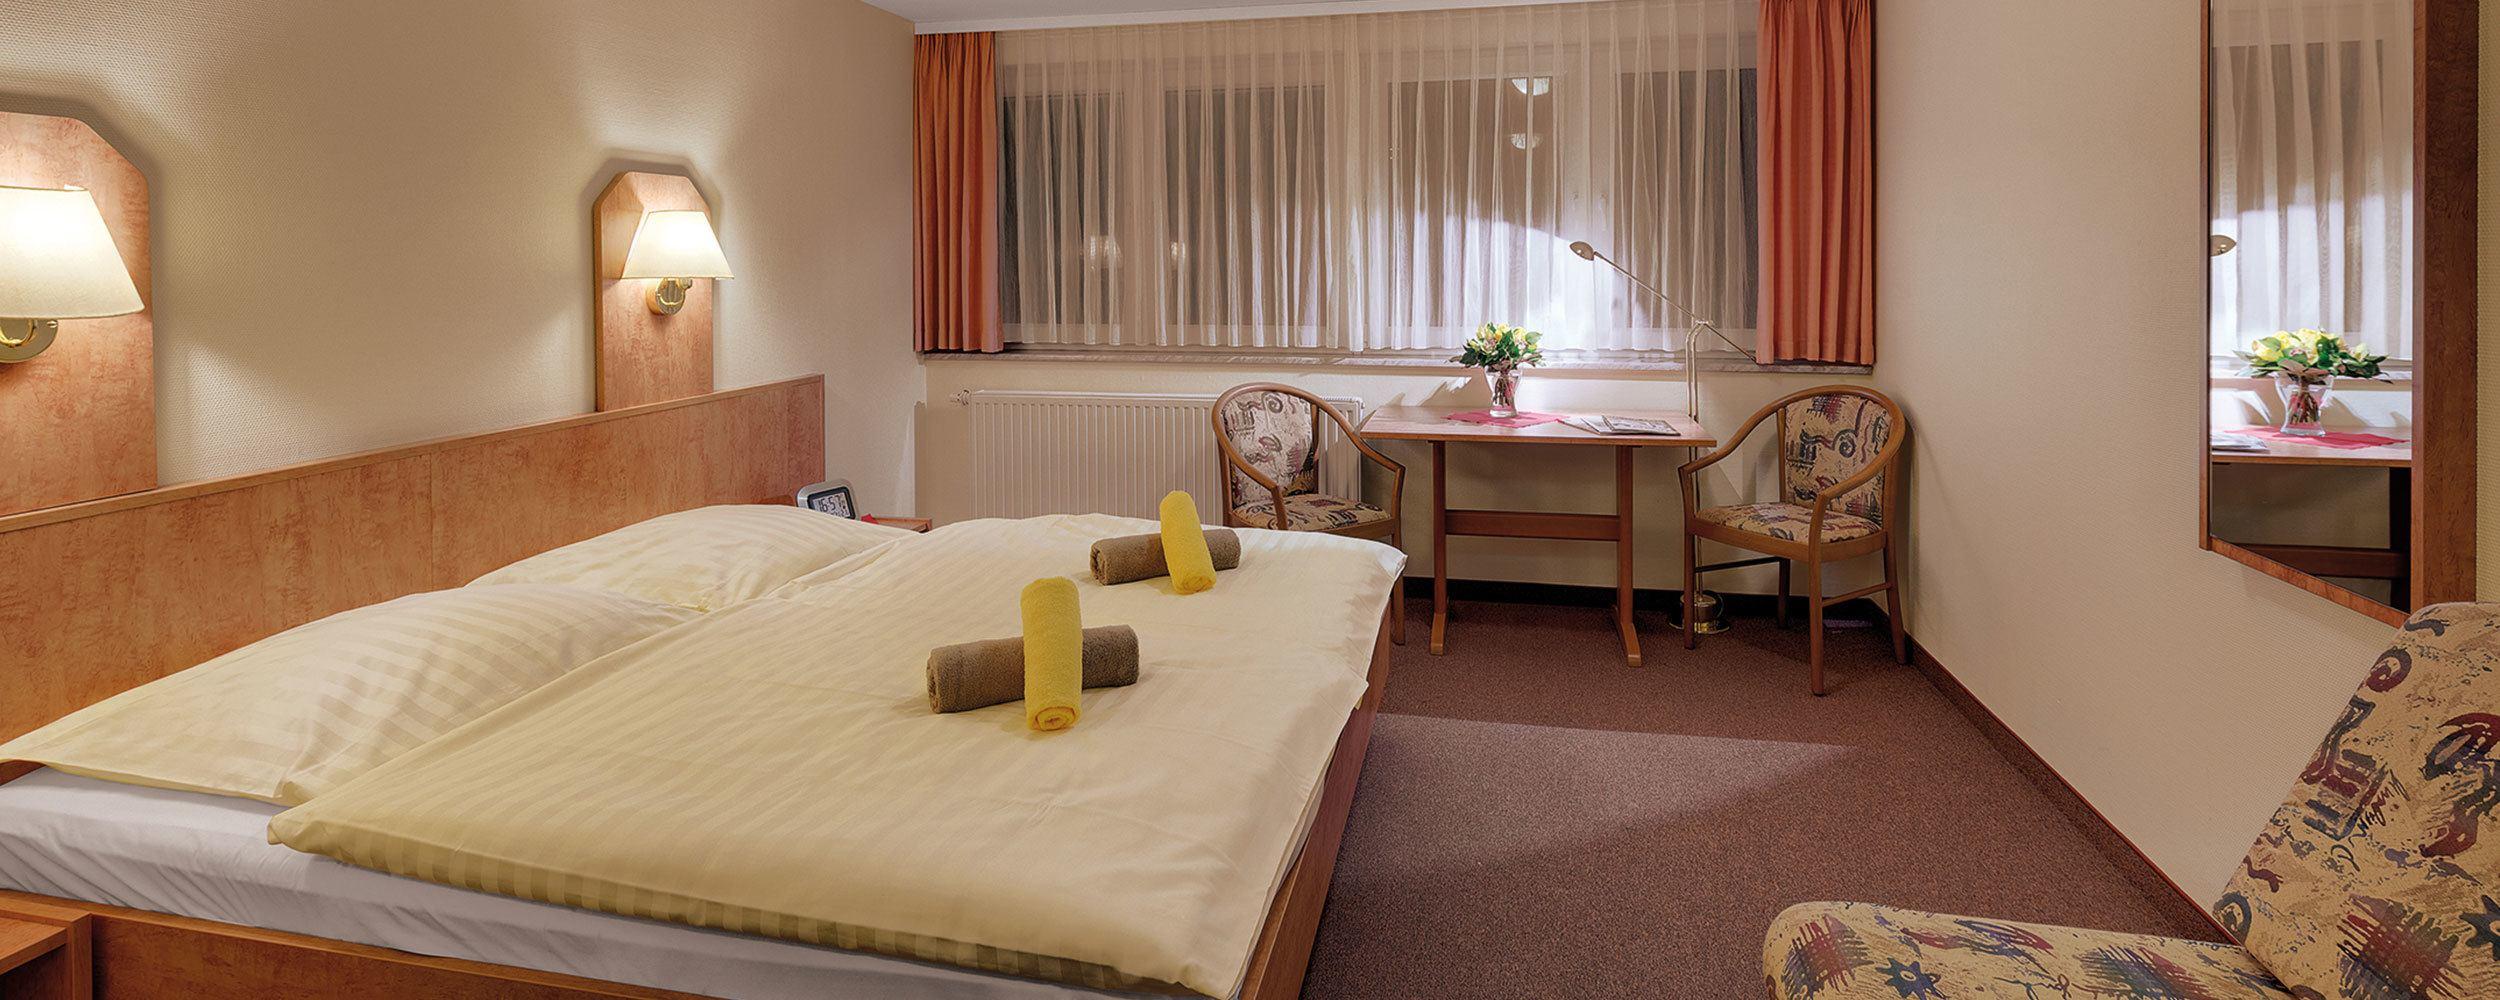 Zimmeransicht im Hotel Thüringenschanze | Hotel Oberhof buchen